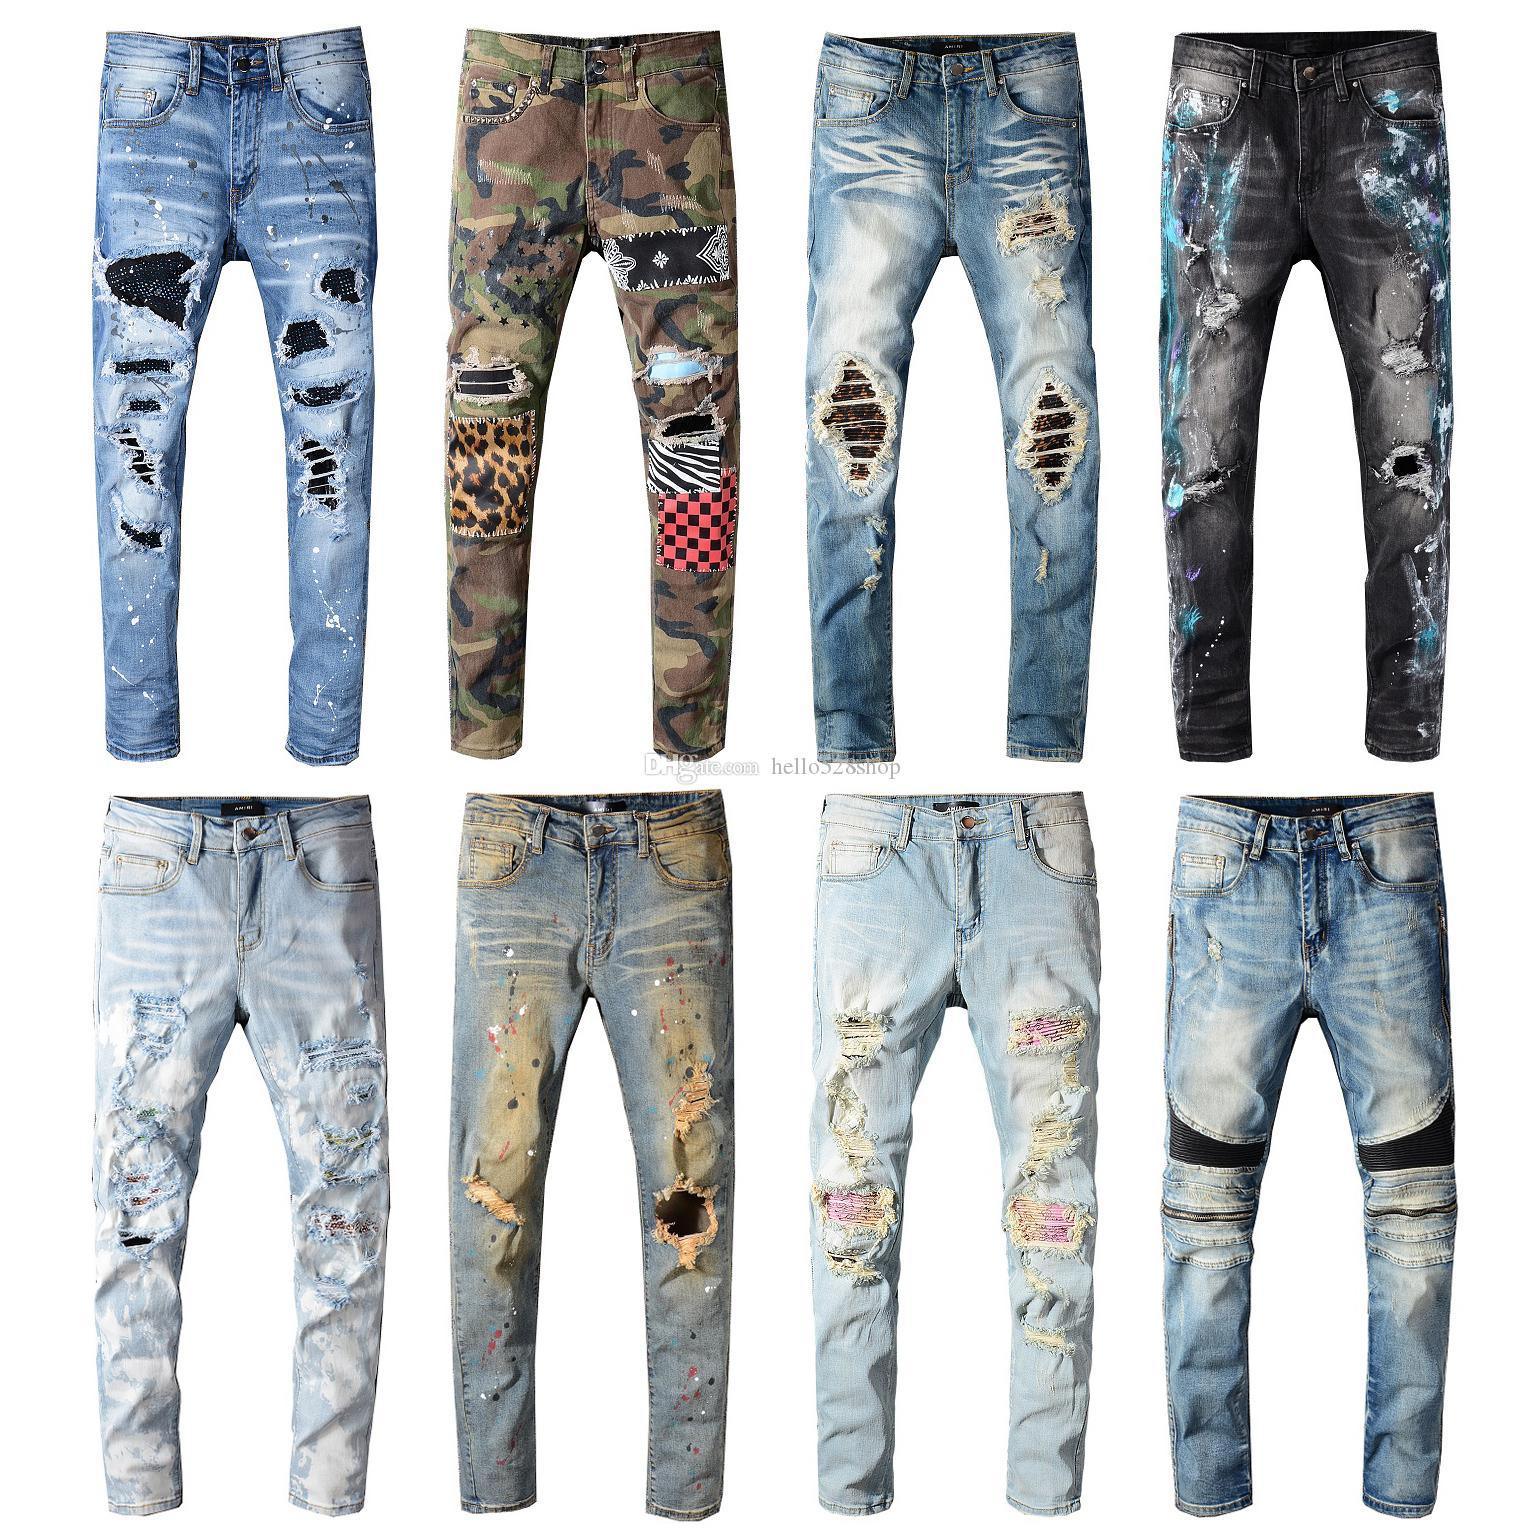 En Kaliteli Vintage Özellikleri Erkek Kot Pantolon Streetwear Motosiklet Stil Lokomotif Fermuar Biker Pantolon Klasik Slim Erkekler için